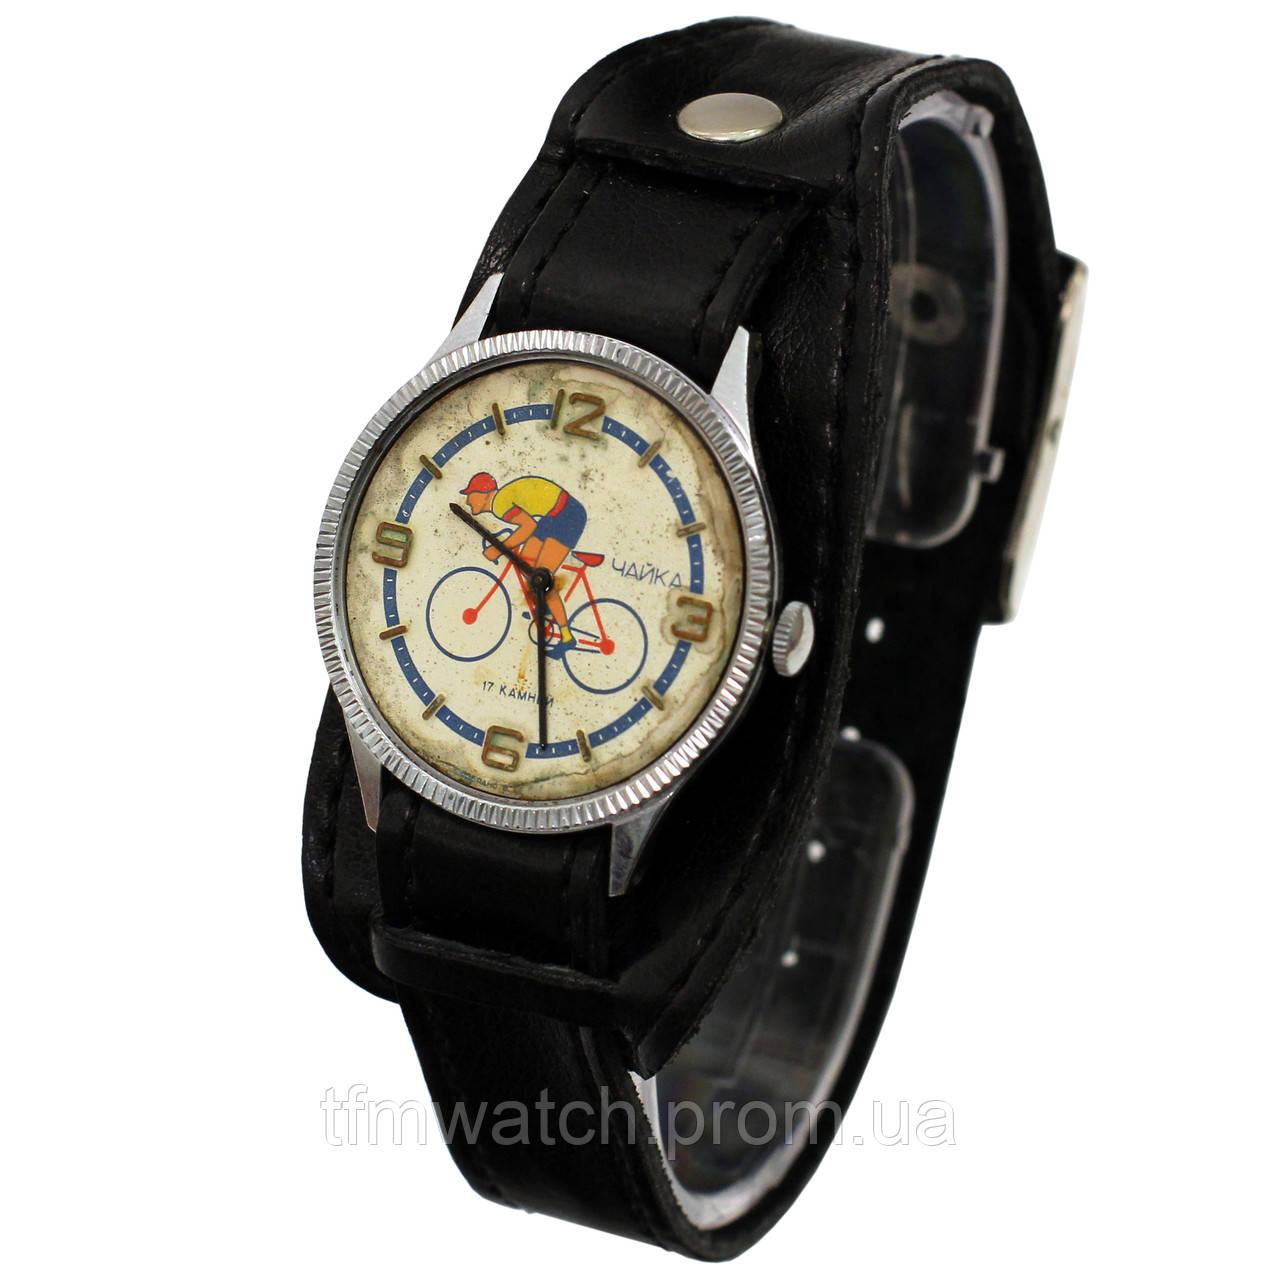 Купить часы для велоспорта купить часы наручные женские с браслетом